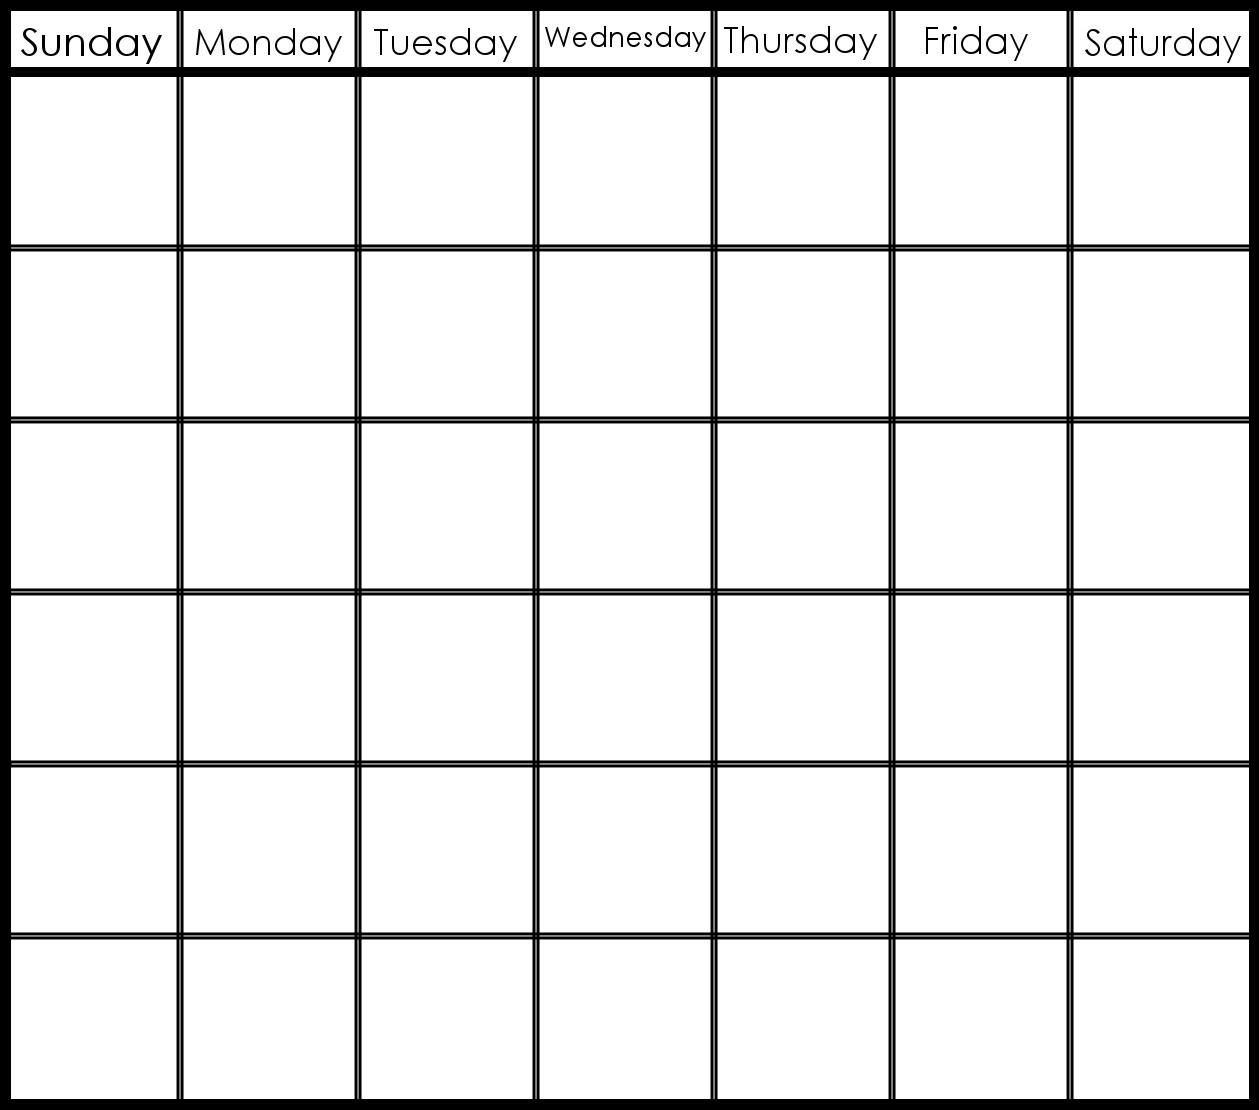 6 Week Printable Calendar   Printable Calendar Templates 2019 in 6 Week Blank Calendar Template